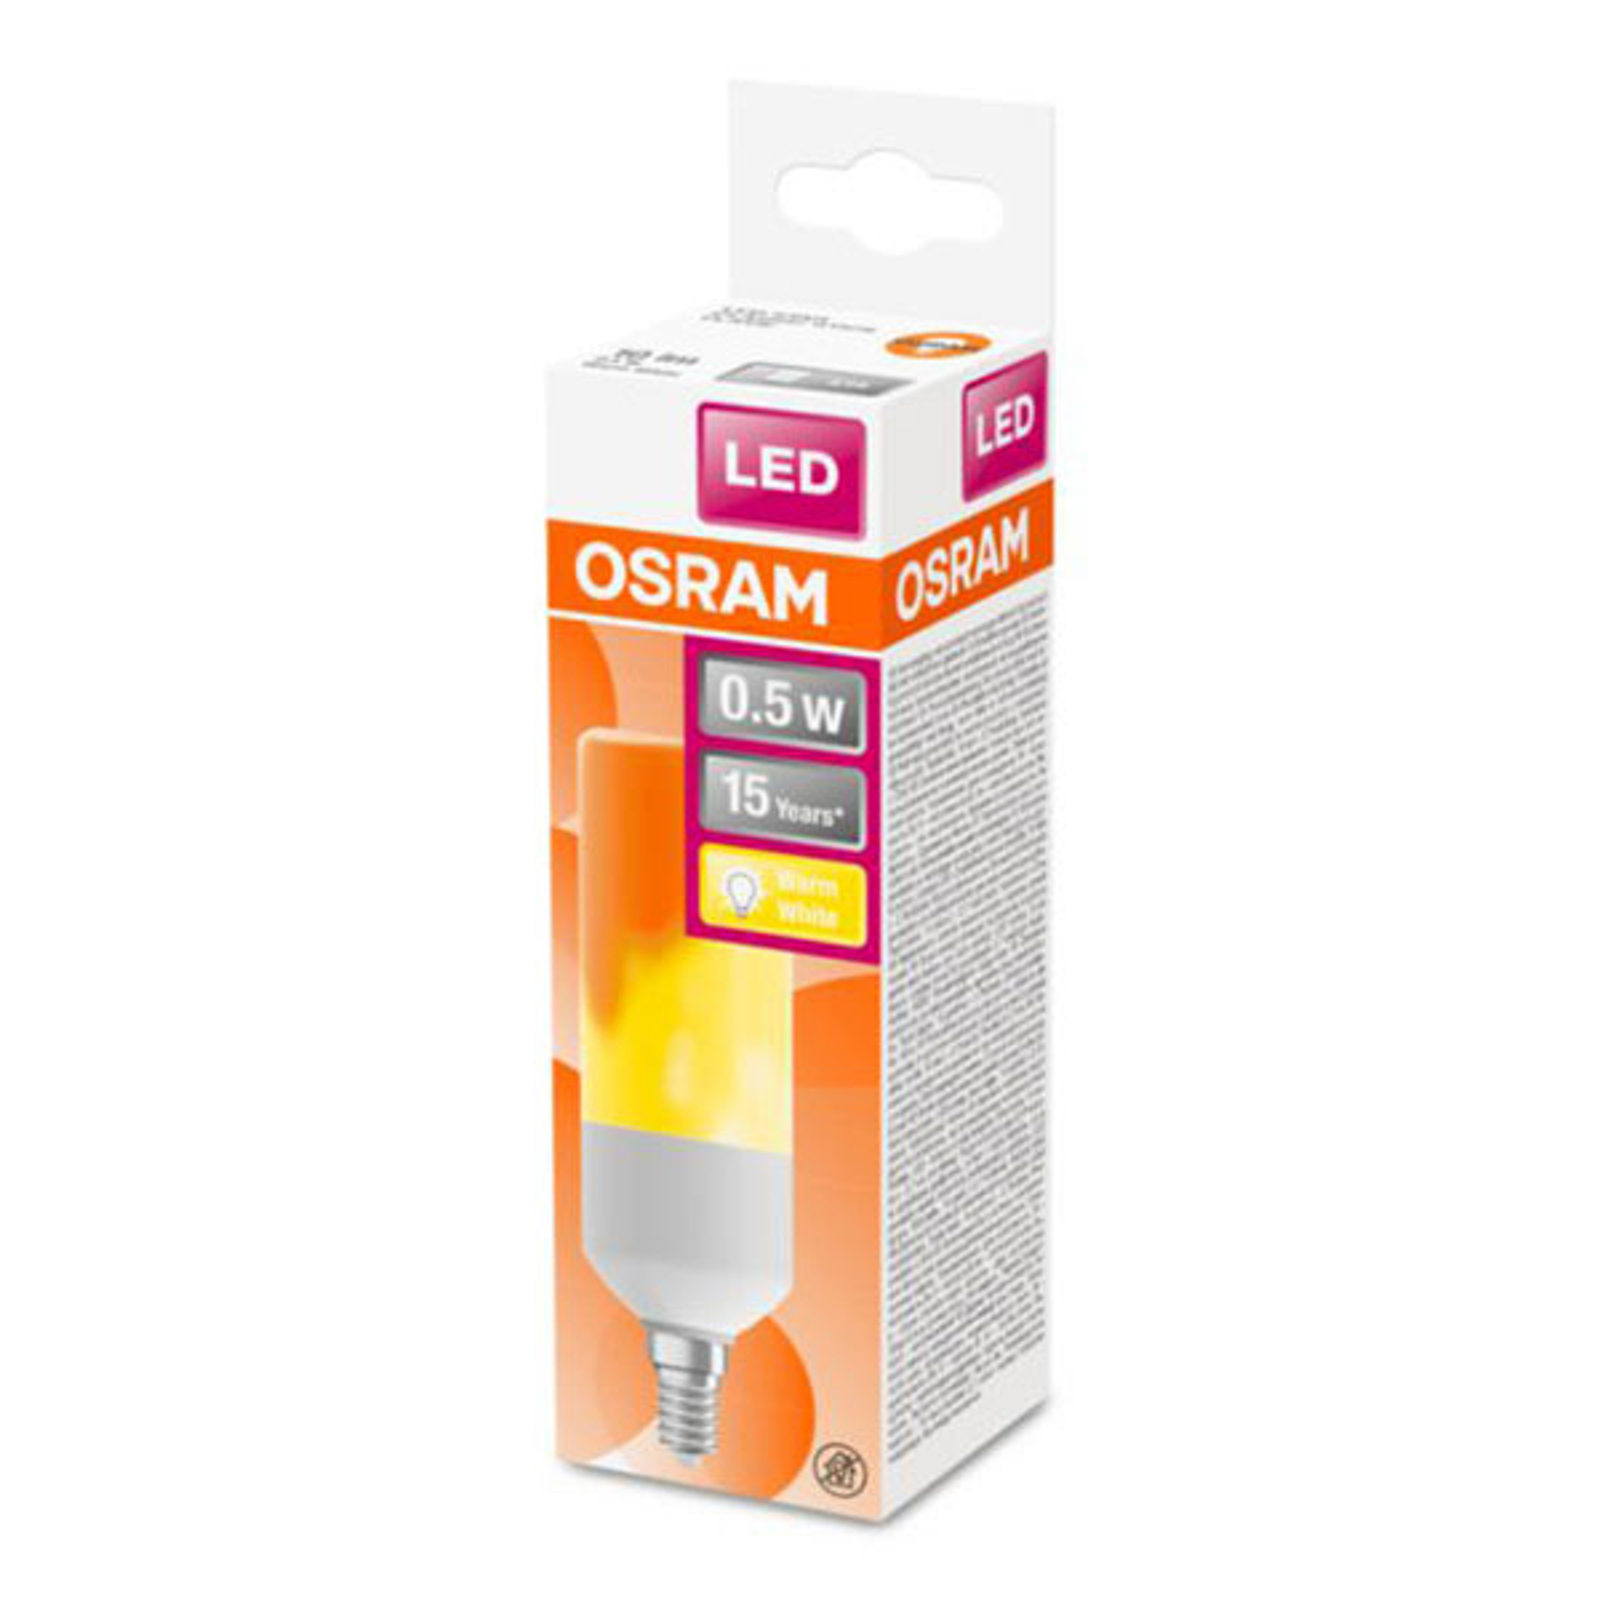 OSRAM Stick Flame lampadina LED E14 0,5W 1.500K